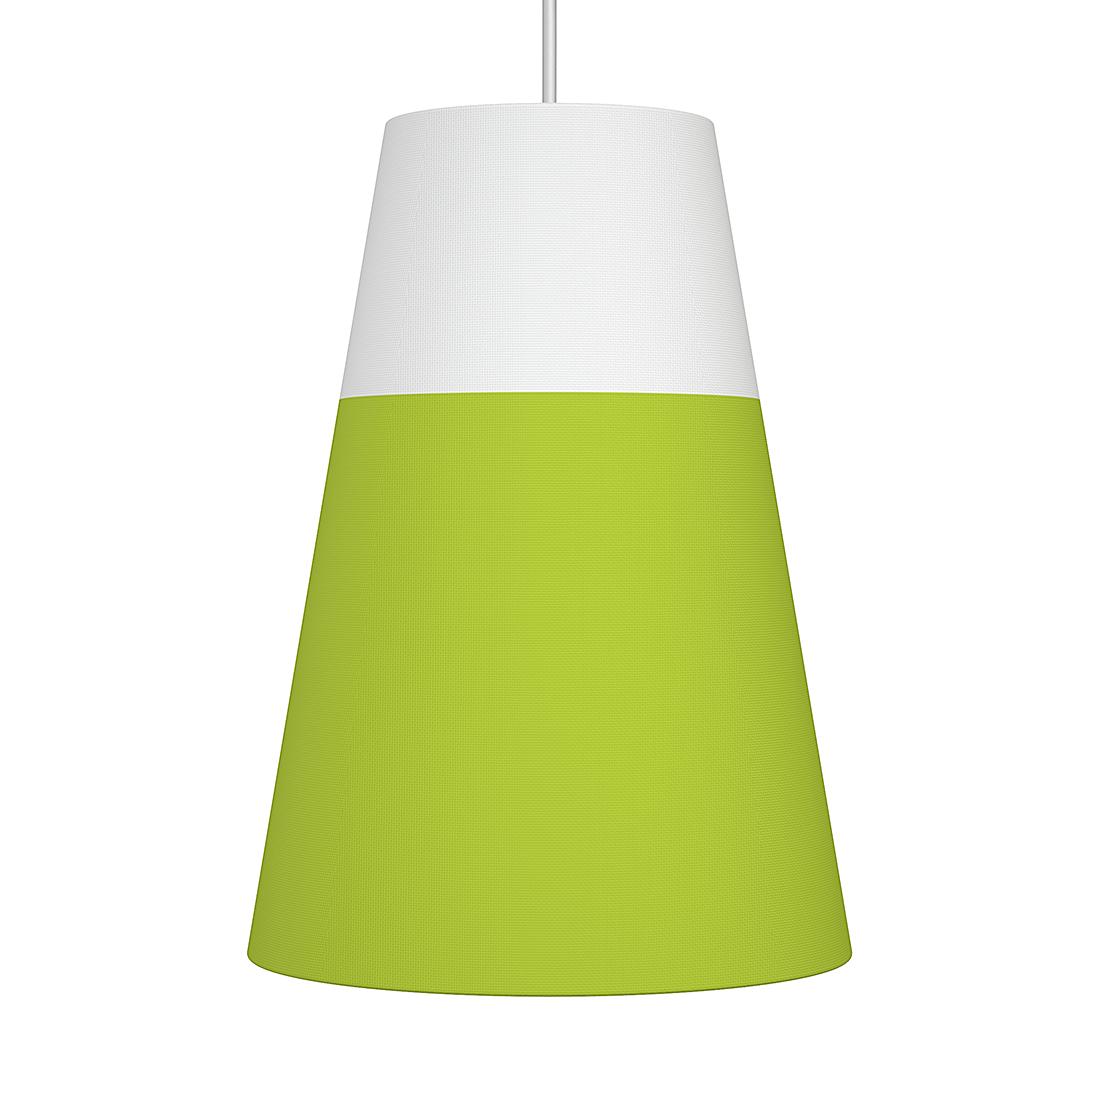 Nordlux Hanglamp Respect - textiel, metaal - groen, mat zilverkleurig (Diameter: 30/16cm) Home24